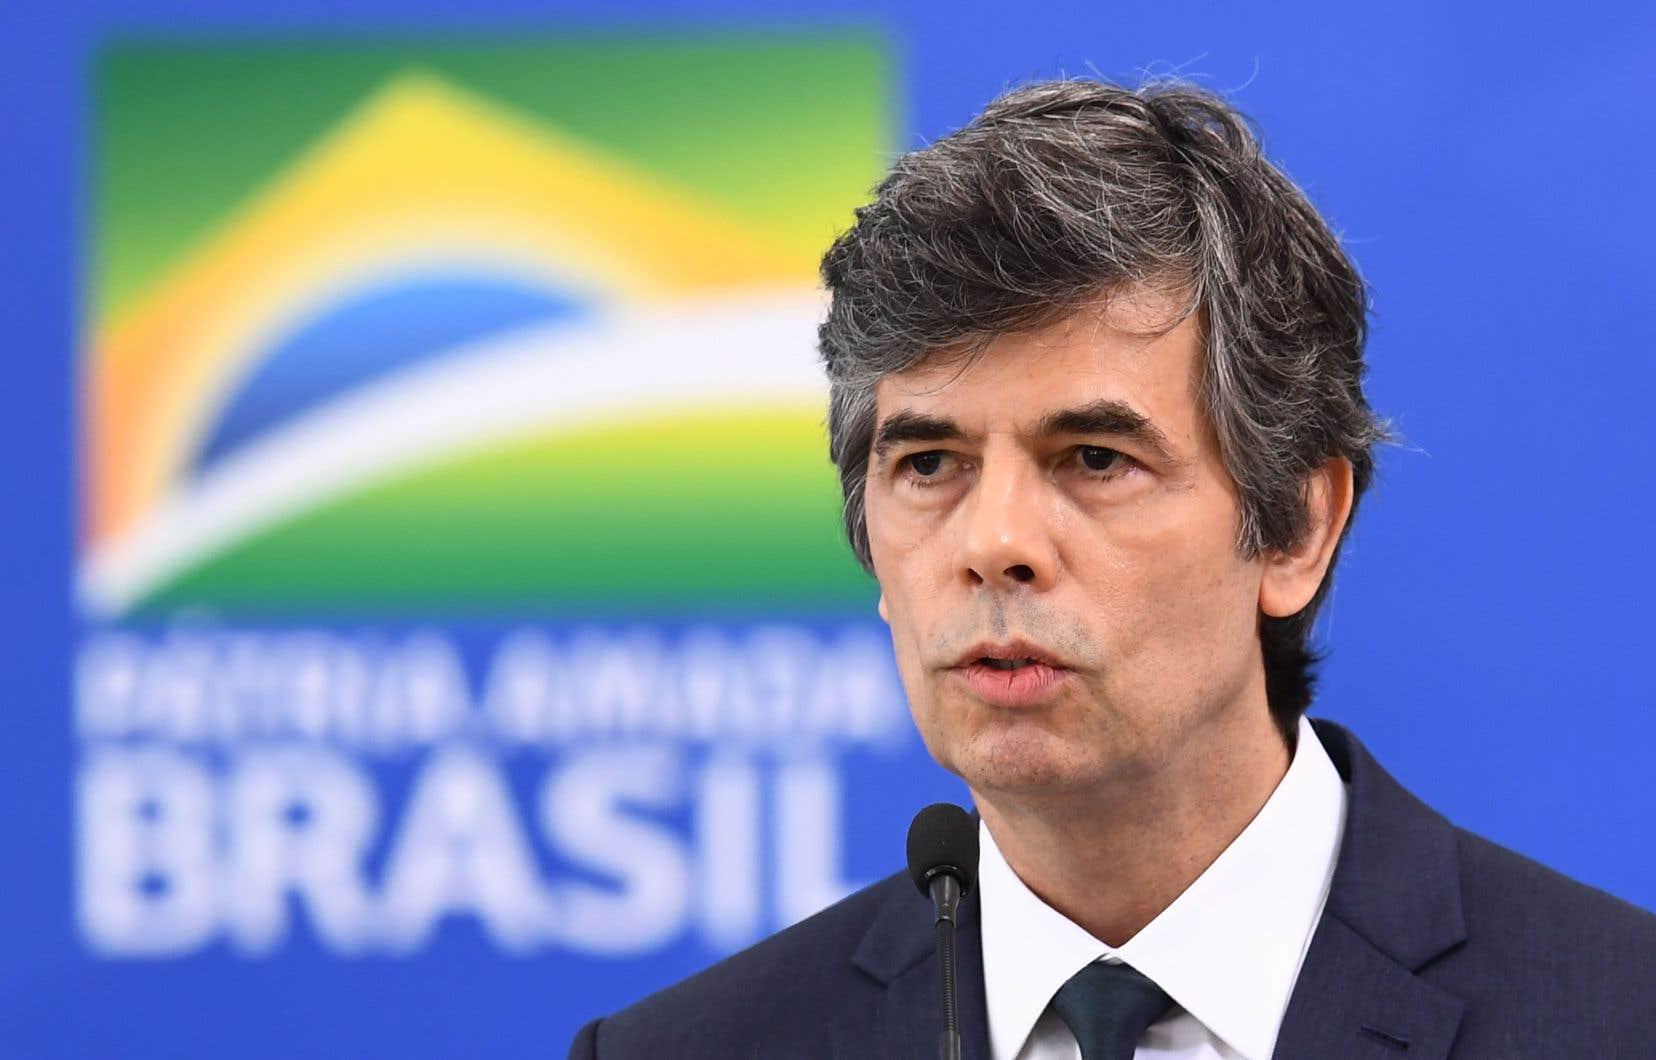 M. Teich aura été un très éphémère ministre de la Santé du président Jair Bolsonaro: il a occupé moins d'un mois ce portefeuille crucial pour le Brésil où la pandémie est en croissance exponentielle et a déjà tué près de 14 000 personnes.